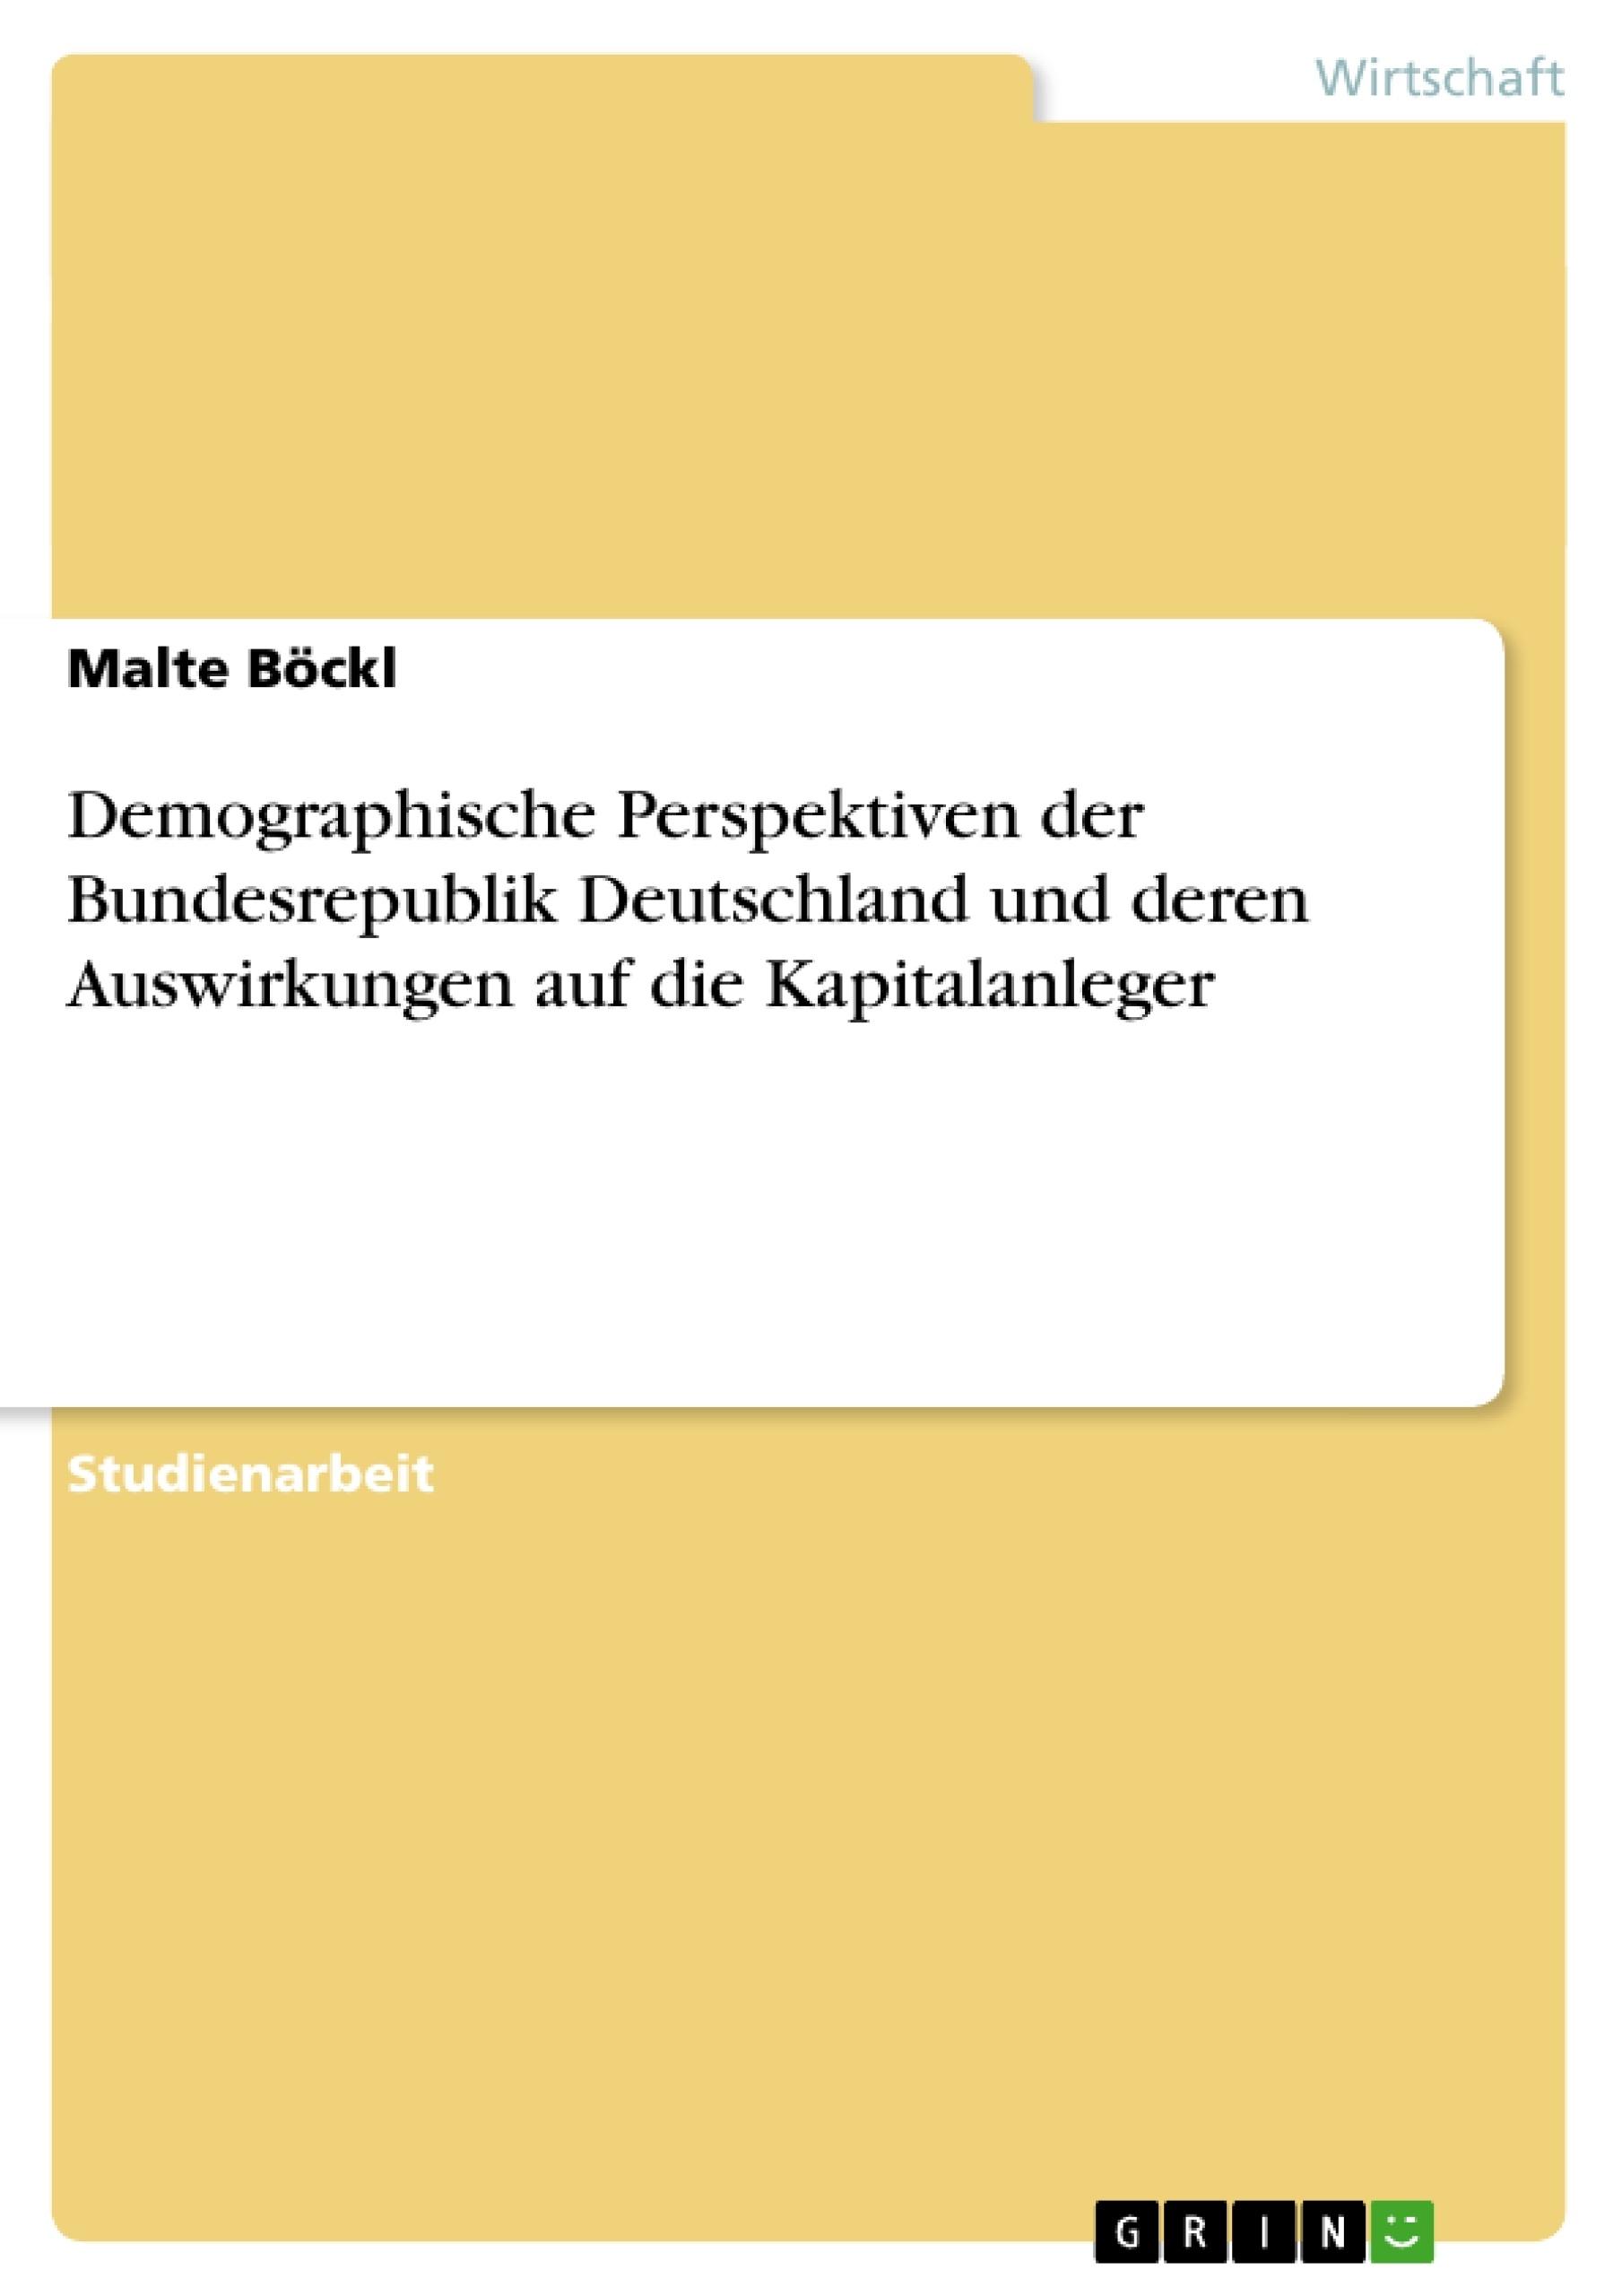 Titel: Demographische Perspektiven der Bundesrepublik Deutschland und deren Auswirkungen auf die Kapitalanleger